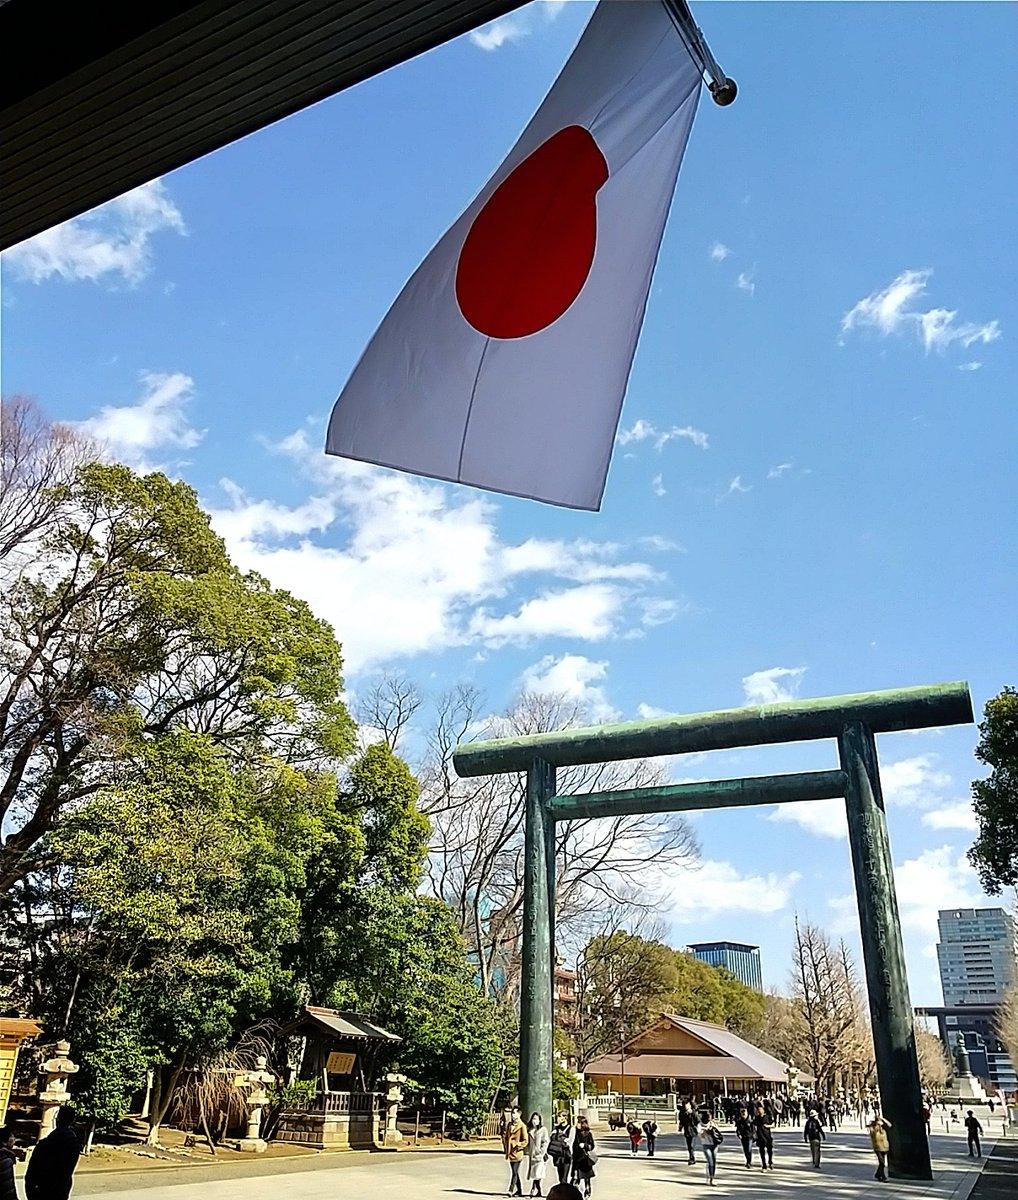 靖国の日本国旗。 #日本 #国旗 #日本国旗 #国旗のある風景 #靖国神社 #東京 #観光 #japan #JapanFlag #yasukuni #torii